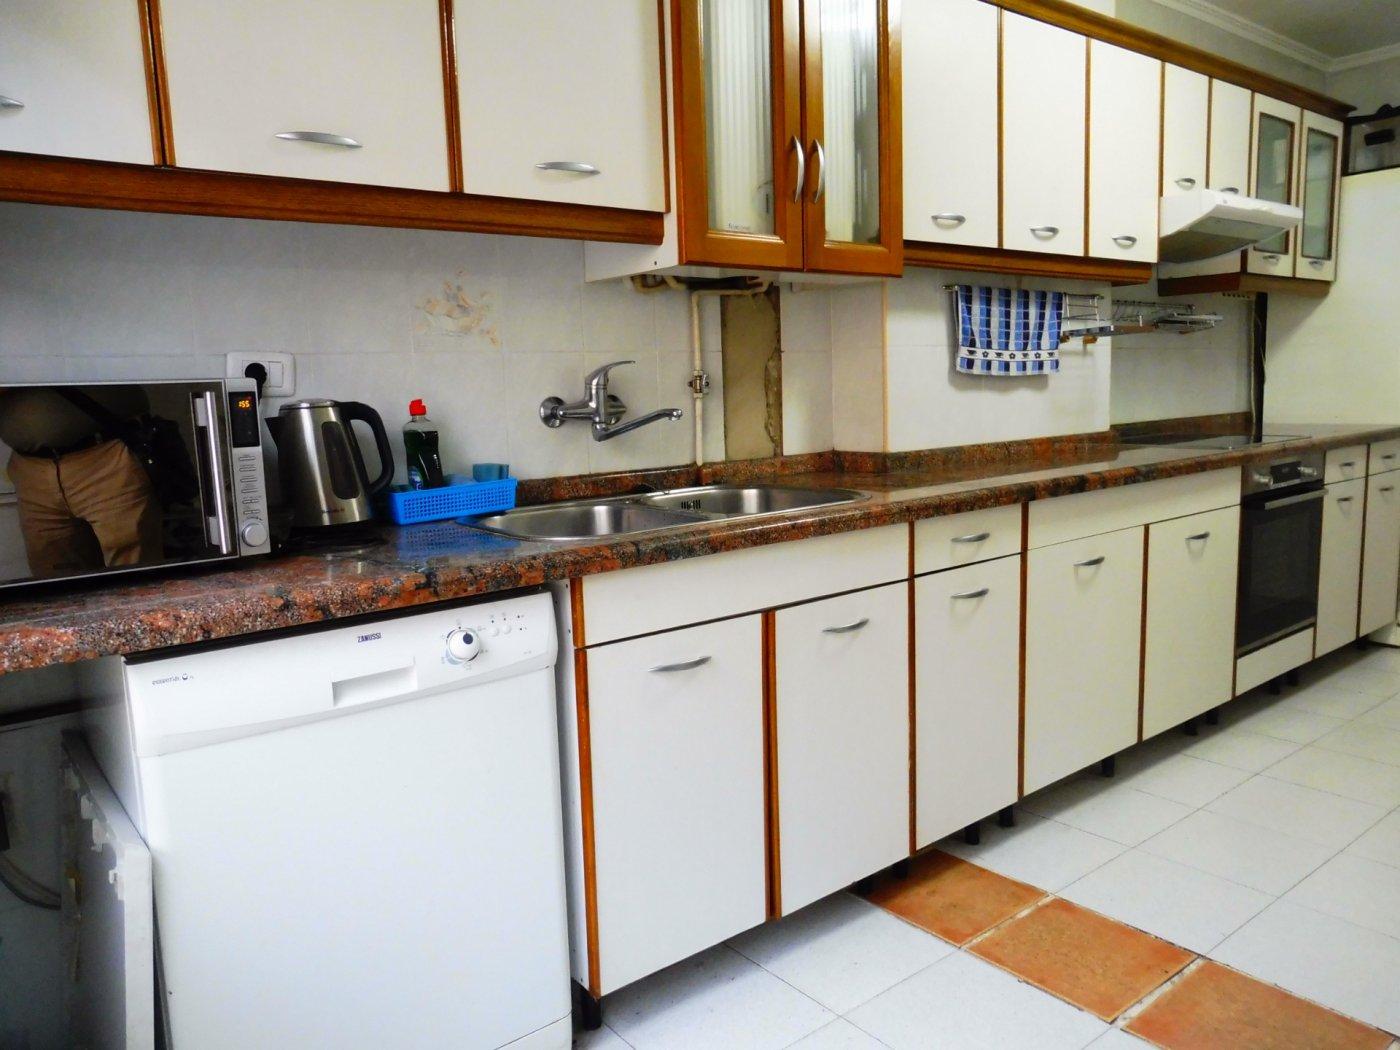 Amplio piso enfrente del centro de salud de perchera en nuevo gijón - imagenInmueble26